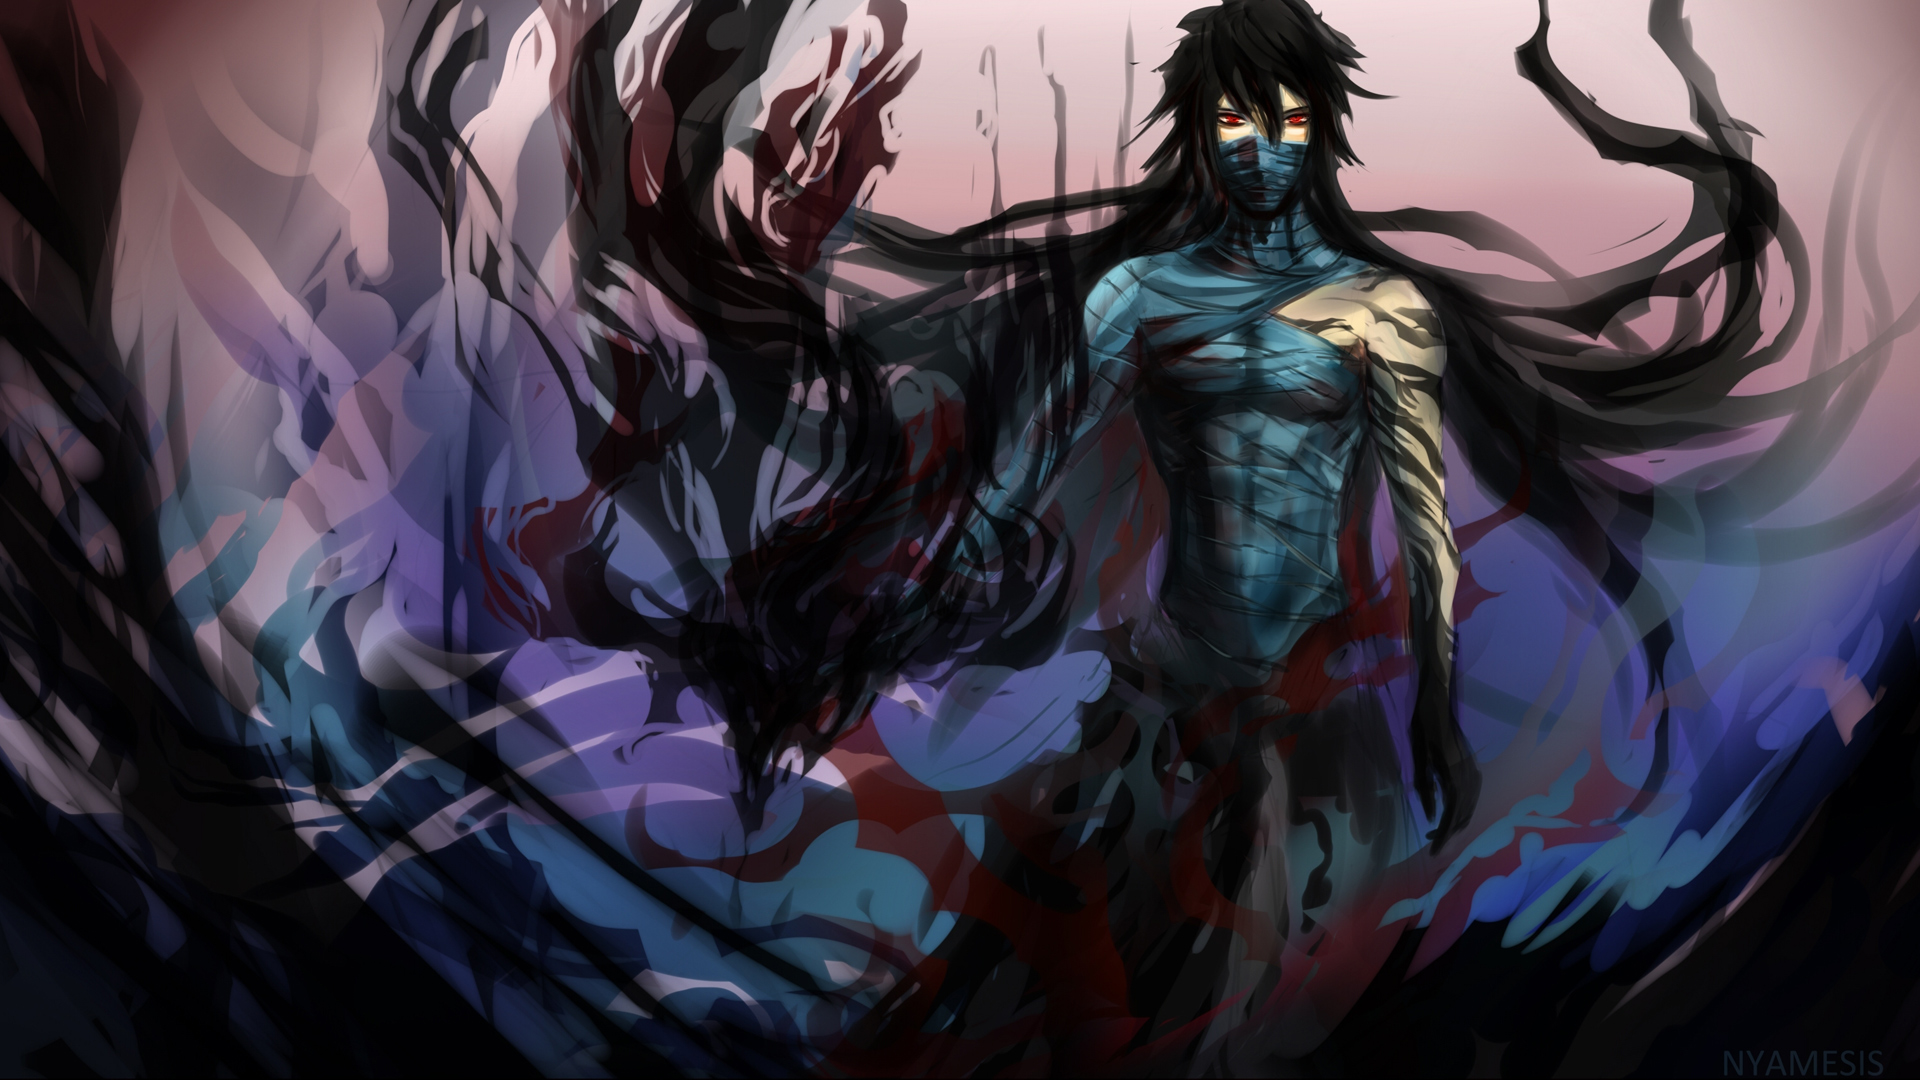 Kurosaki Ichigo Final Getsuga Tenshou Bleach Anime